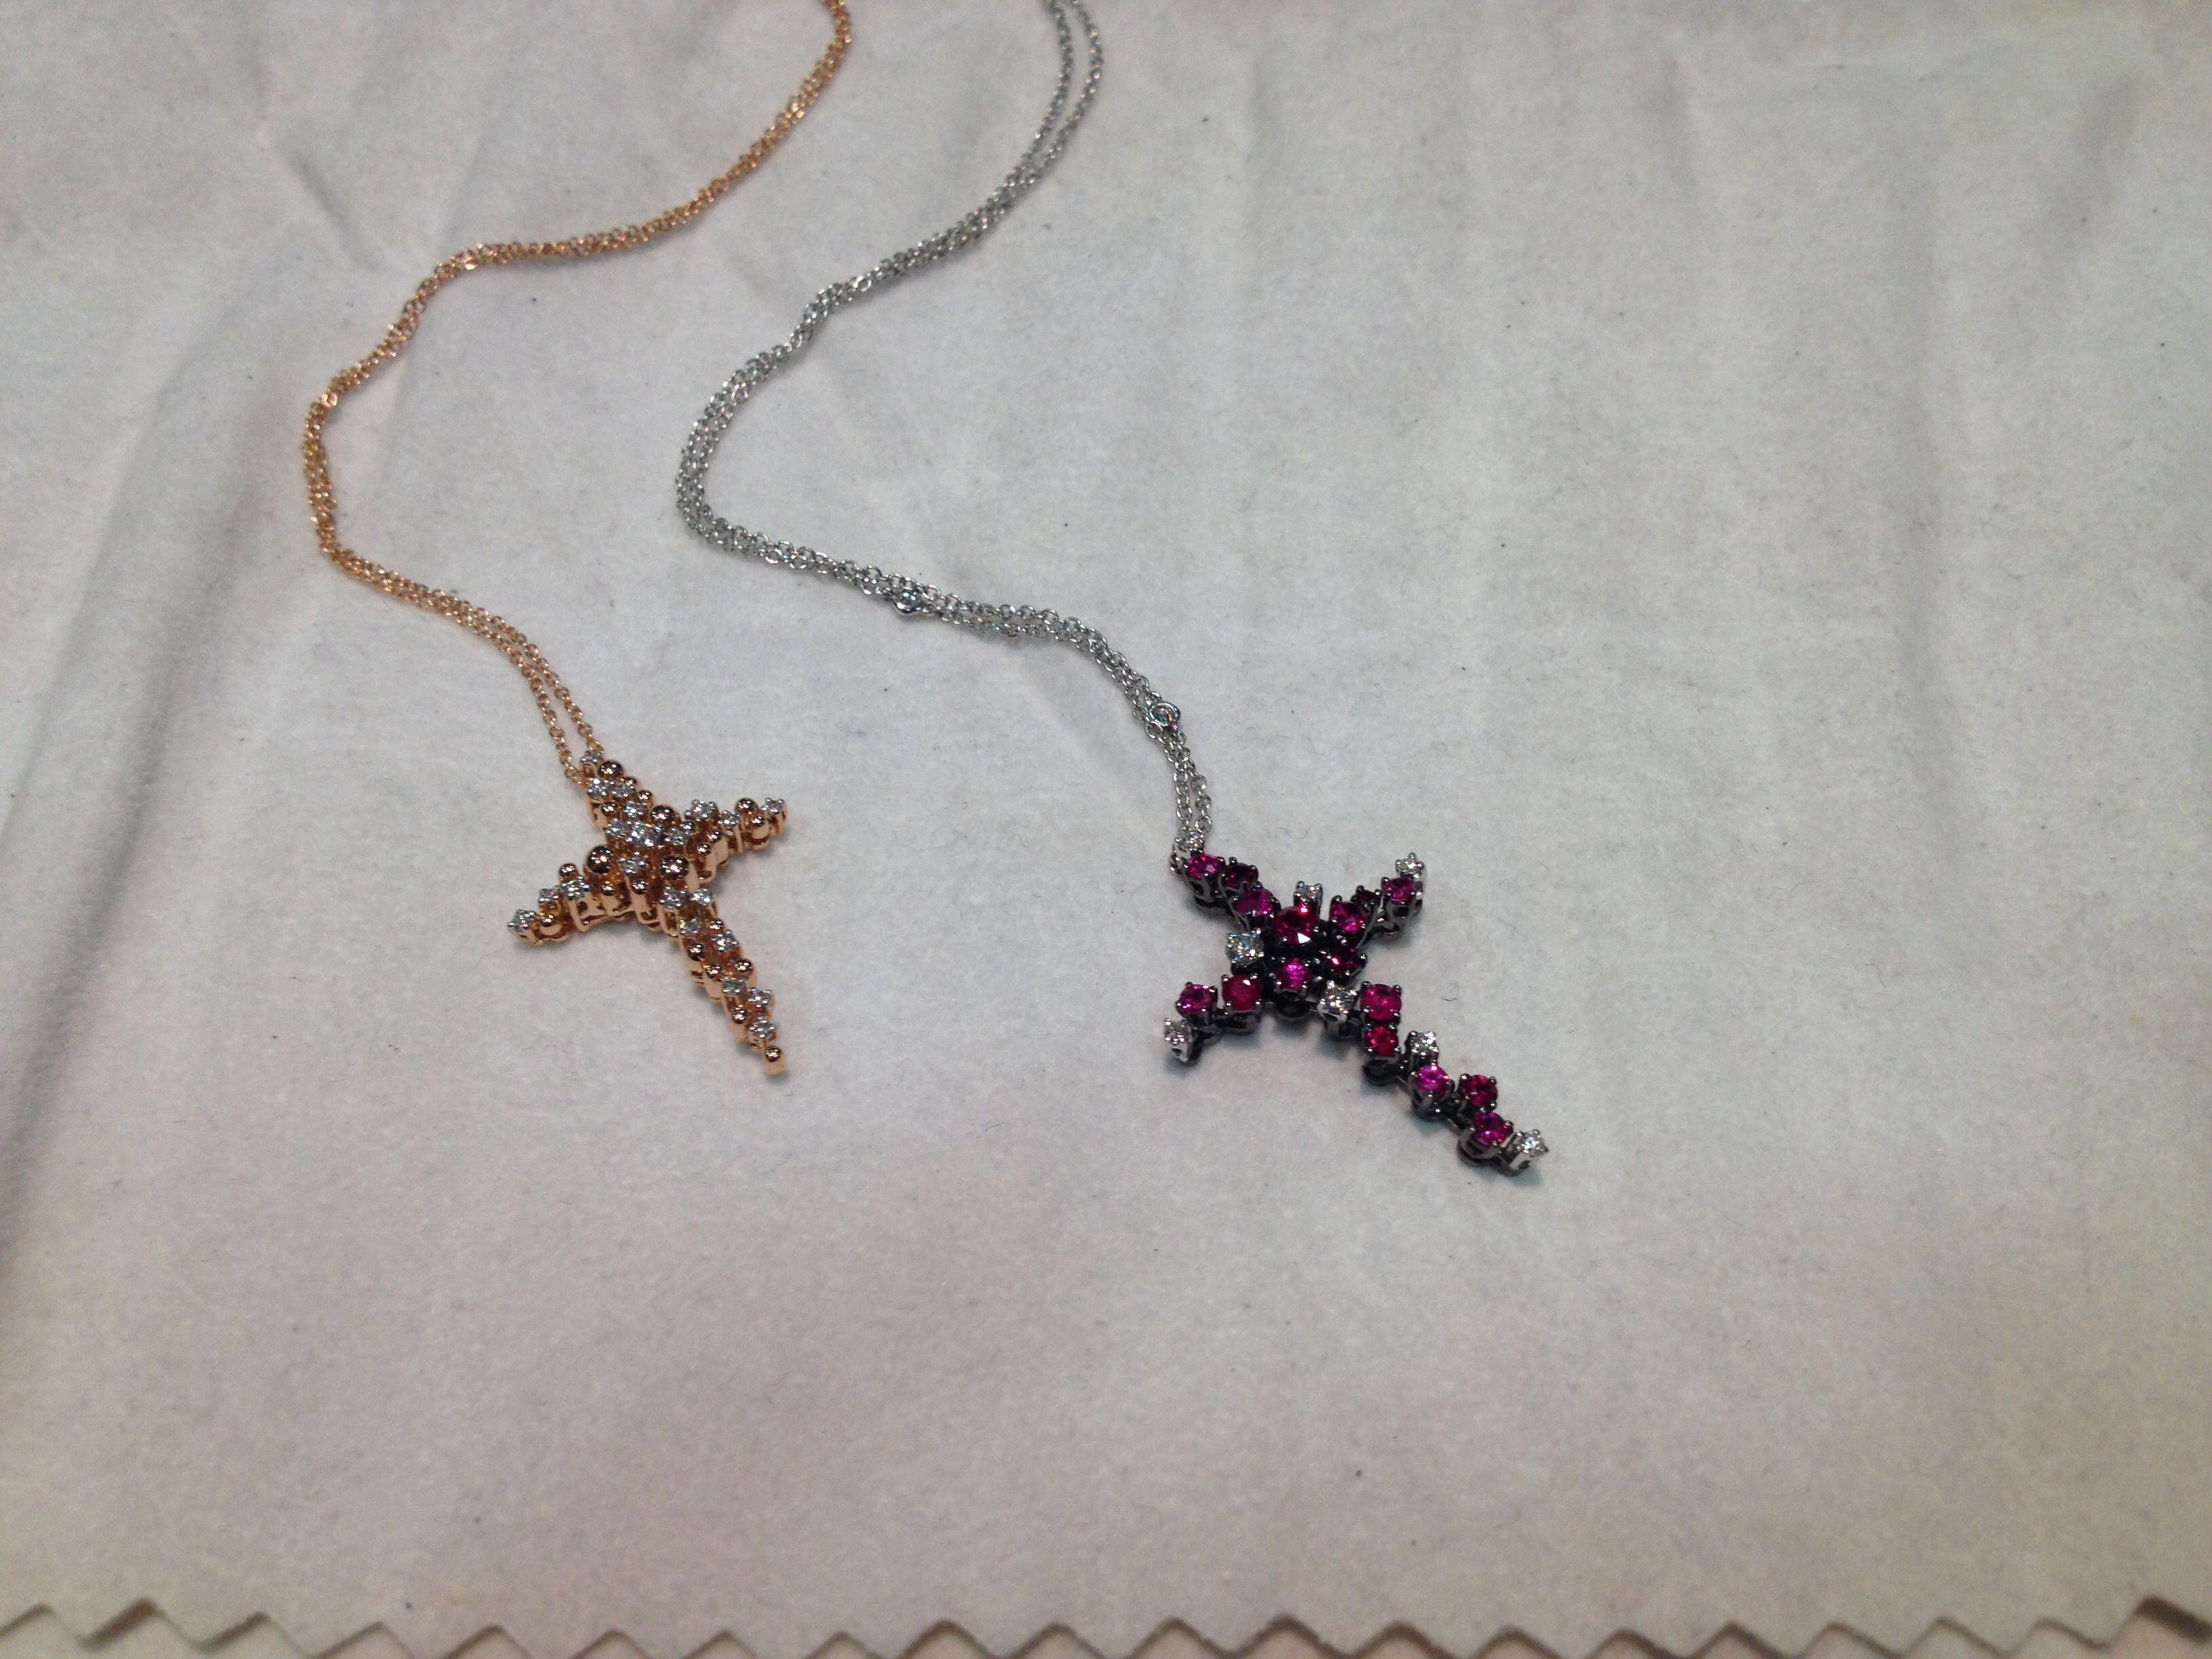 Croci oro bianco brunito, oro rosa, diamanti e rubini... Salvini